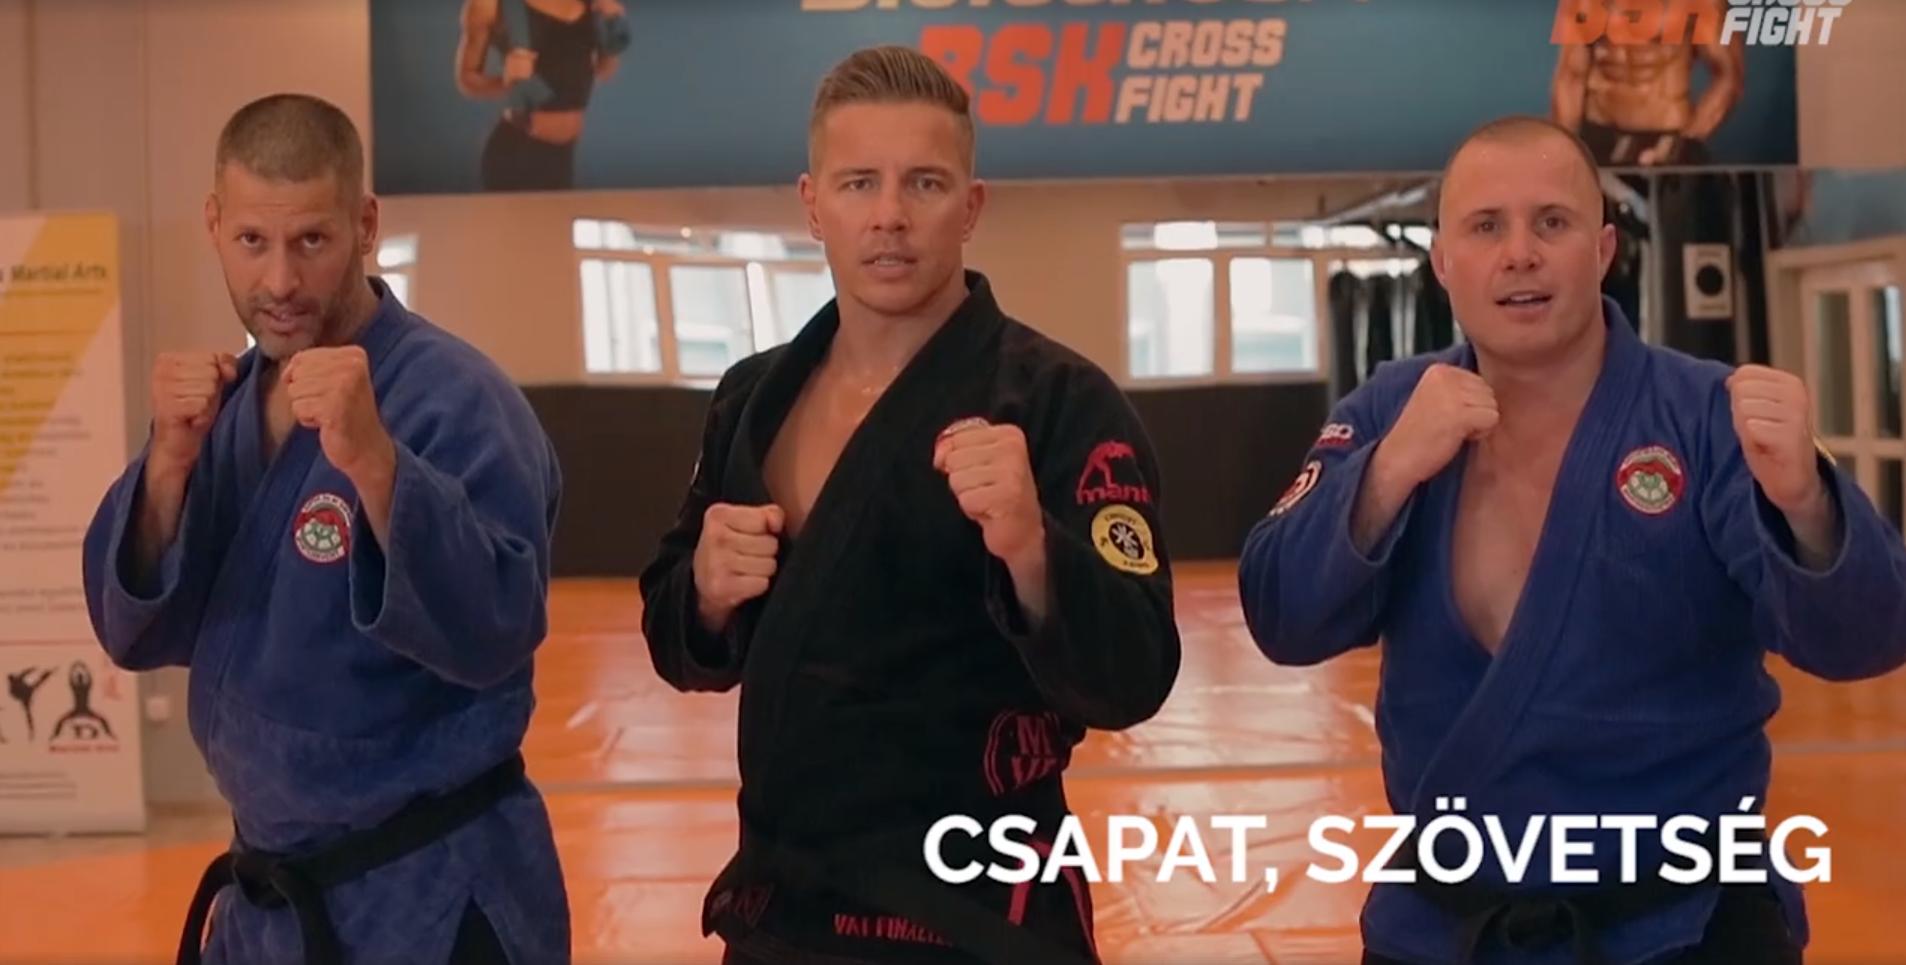 Videó: Kempo edzések a BSK Crossfightban